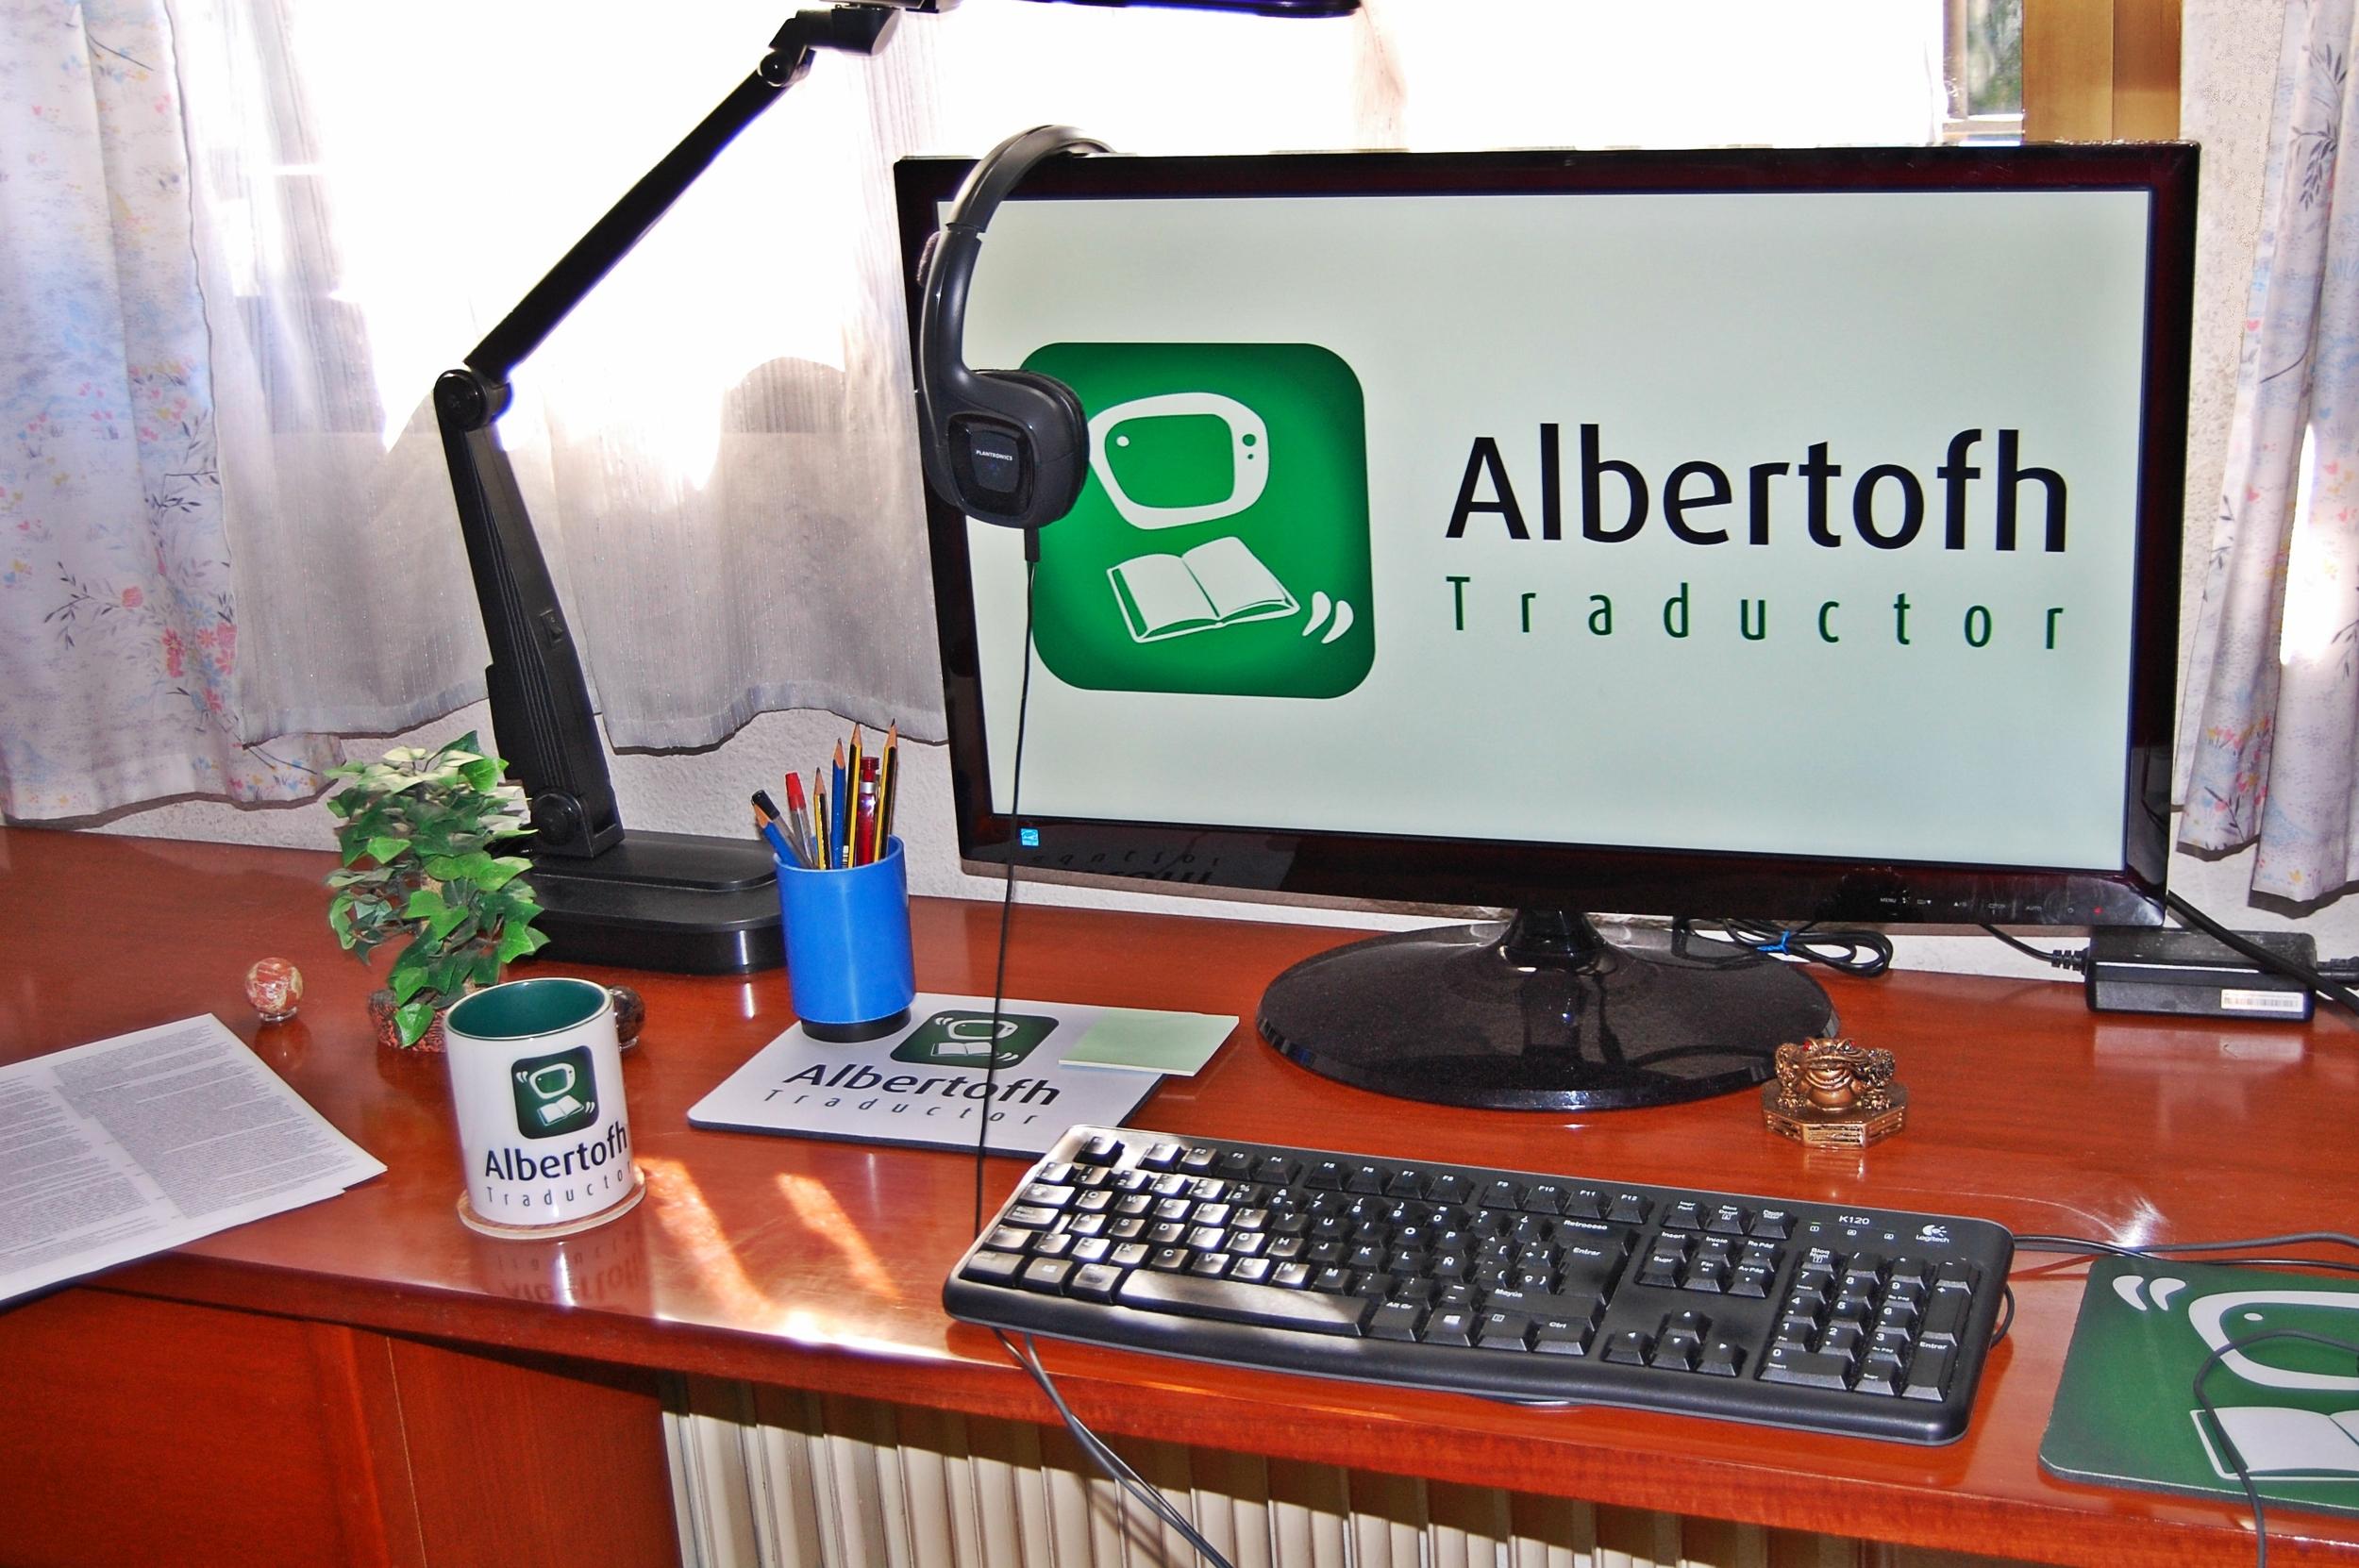 Albertofh-traducción-audiovisual-translation-subtitulado-sordos